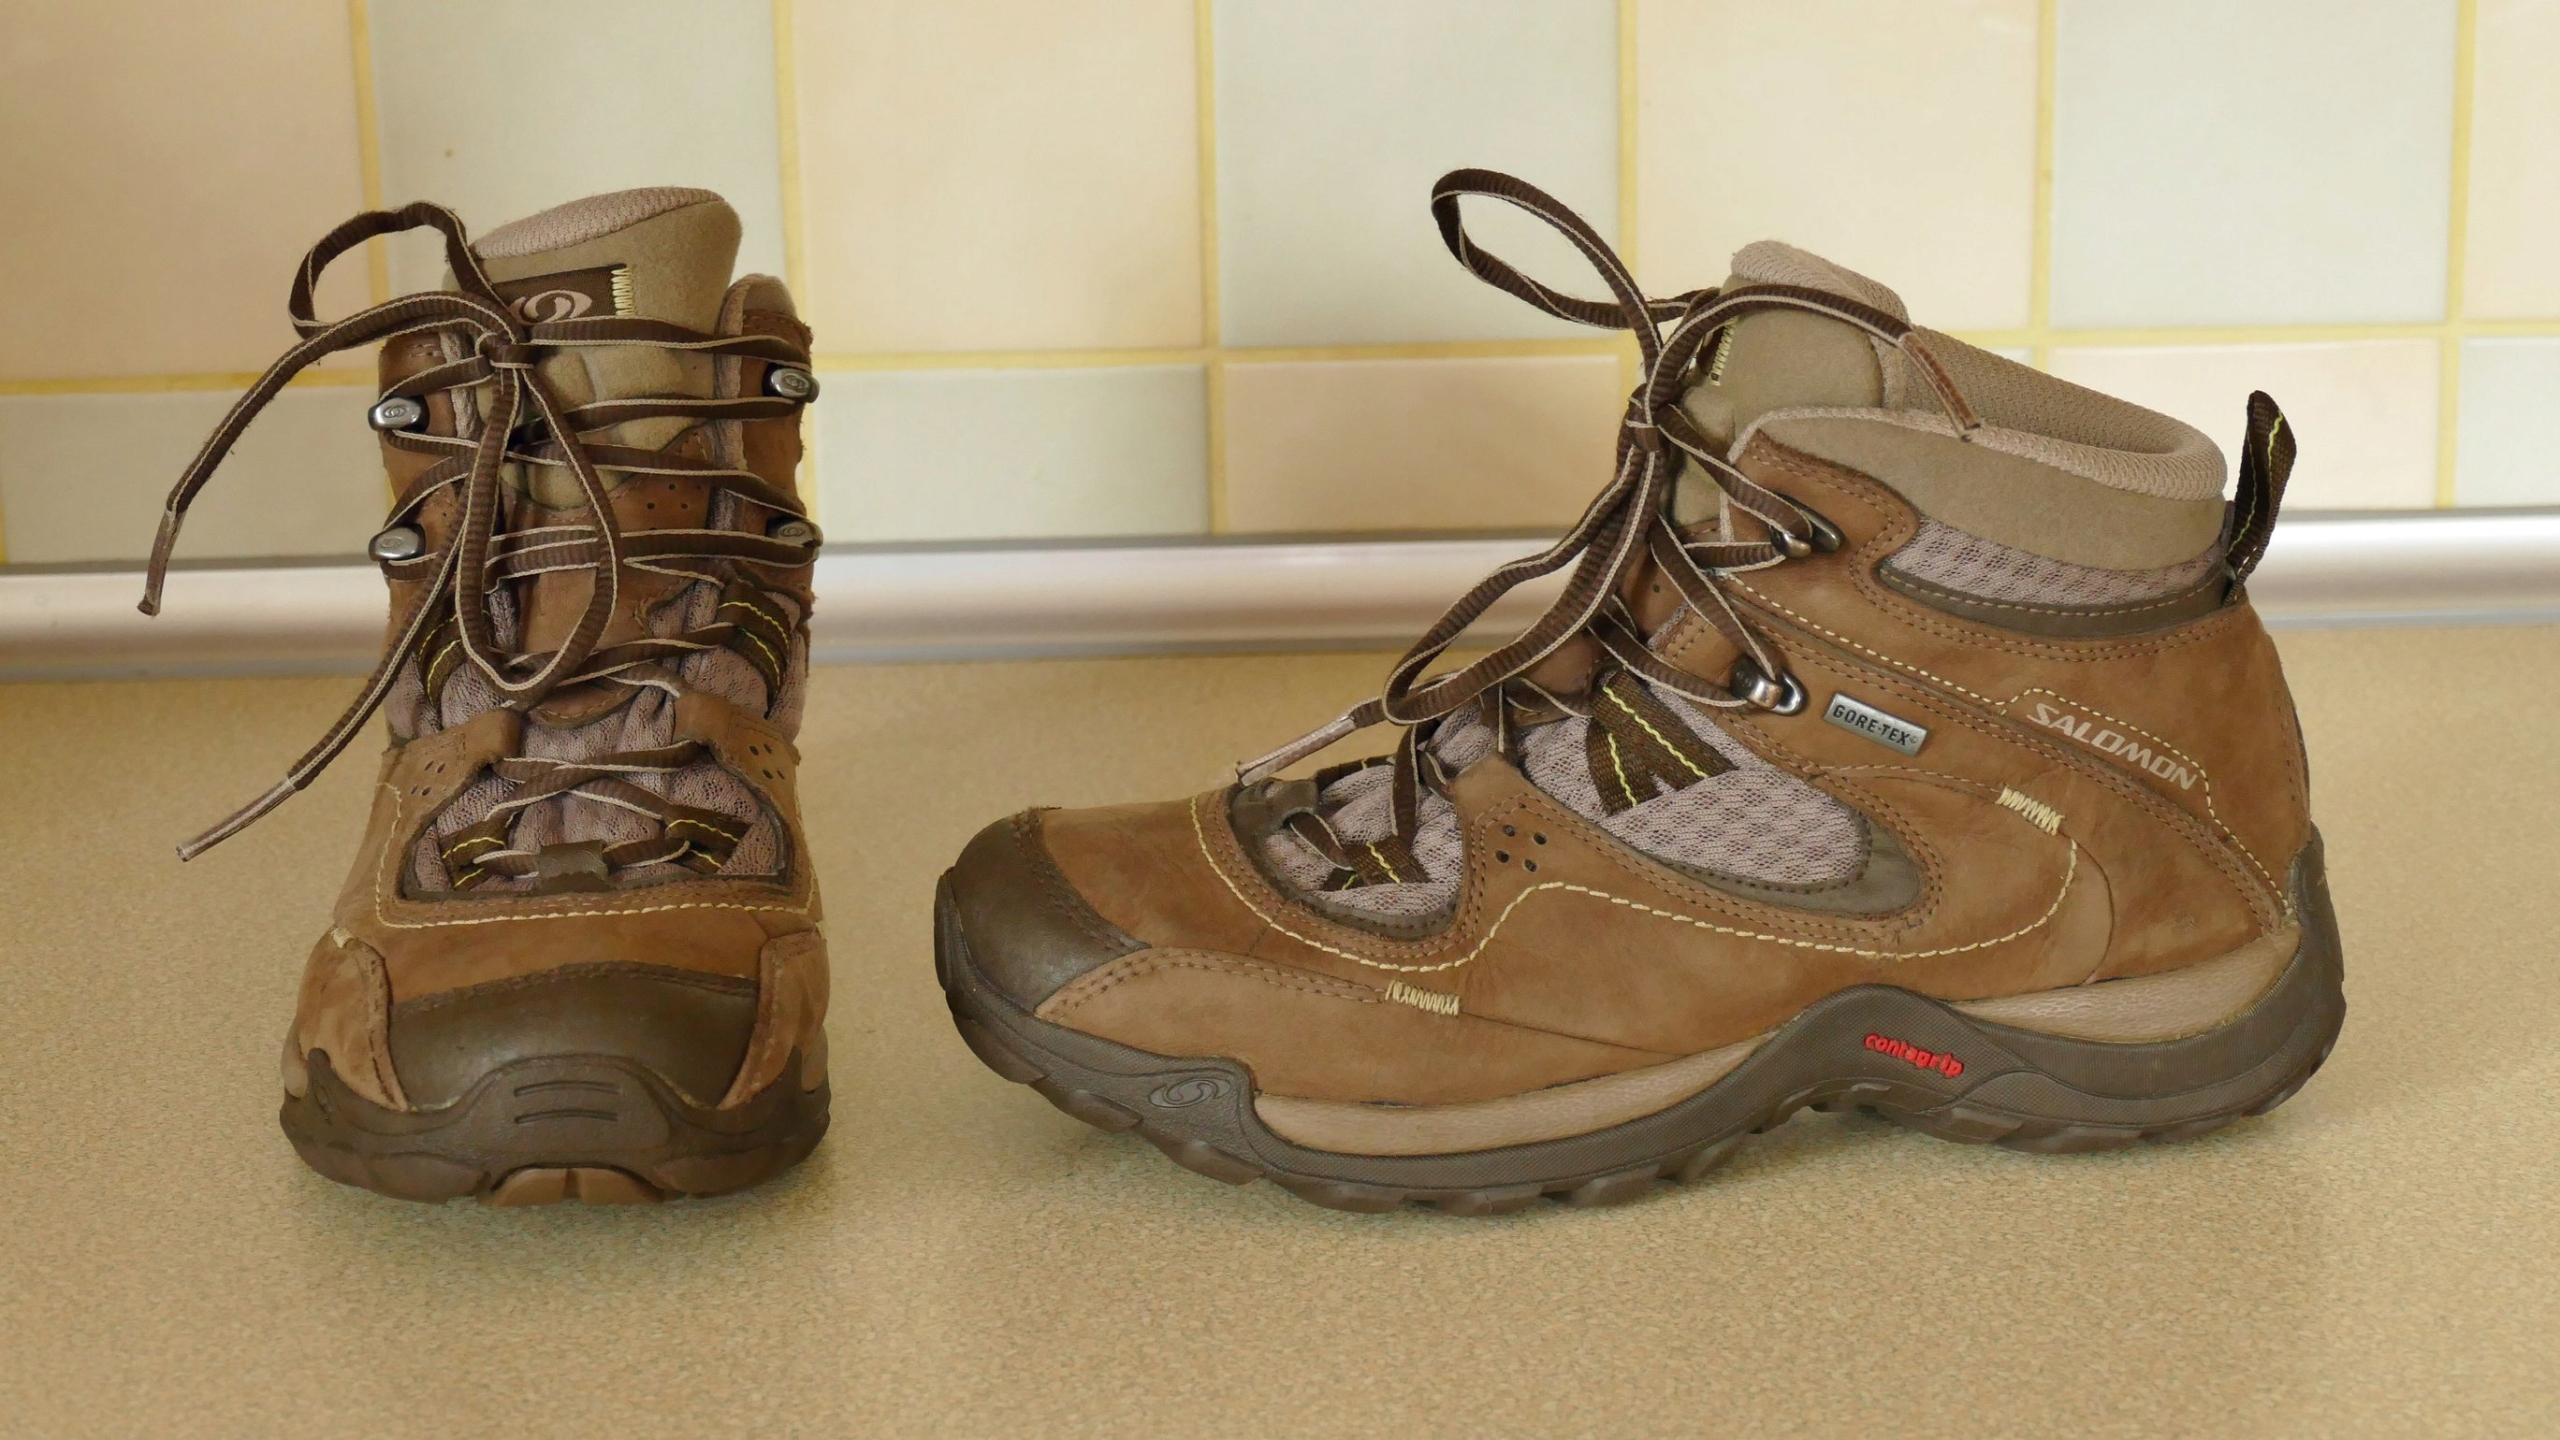 Salomon buty trekkingowe górskie rozm 38 23,5cm